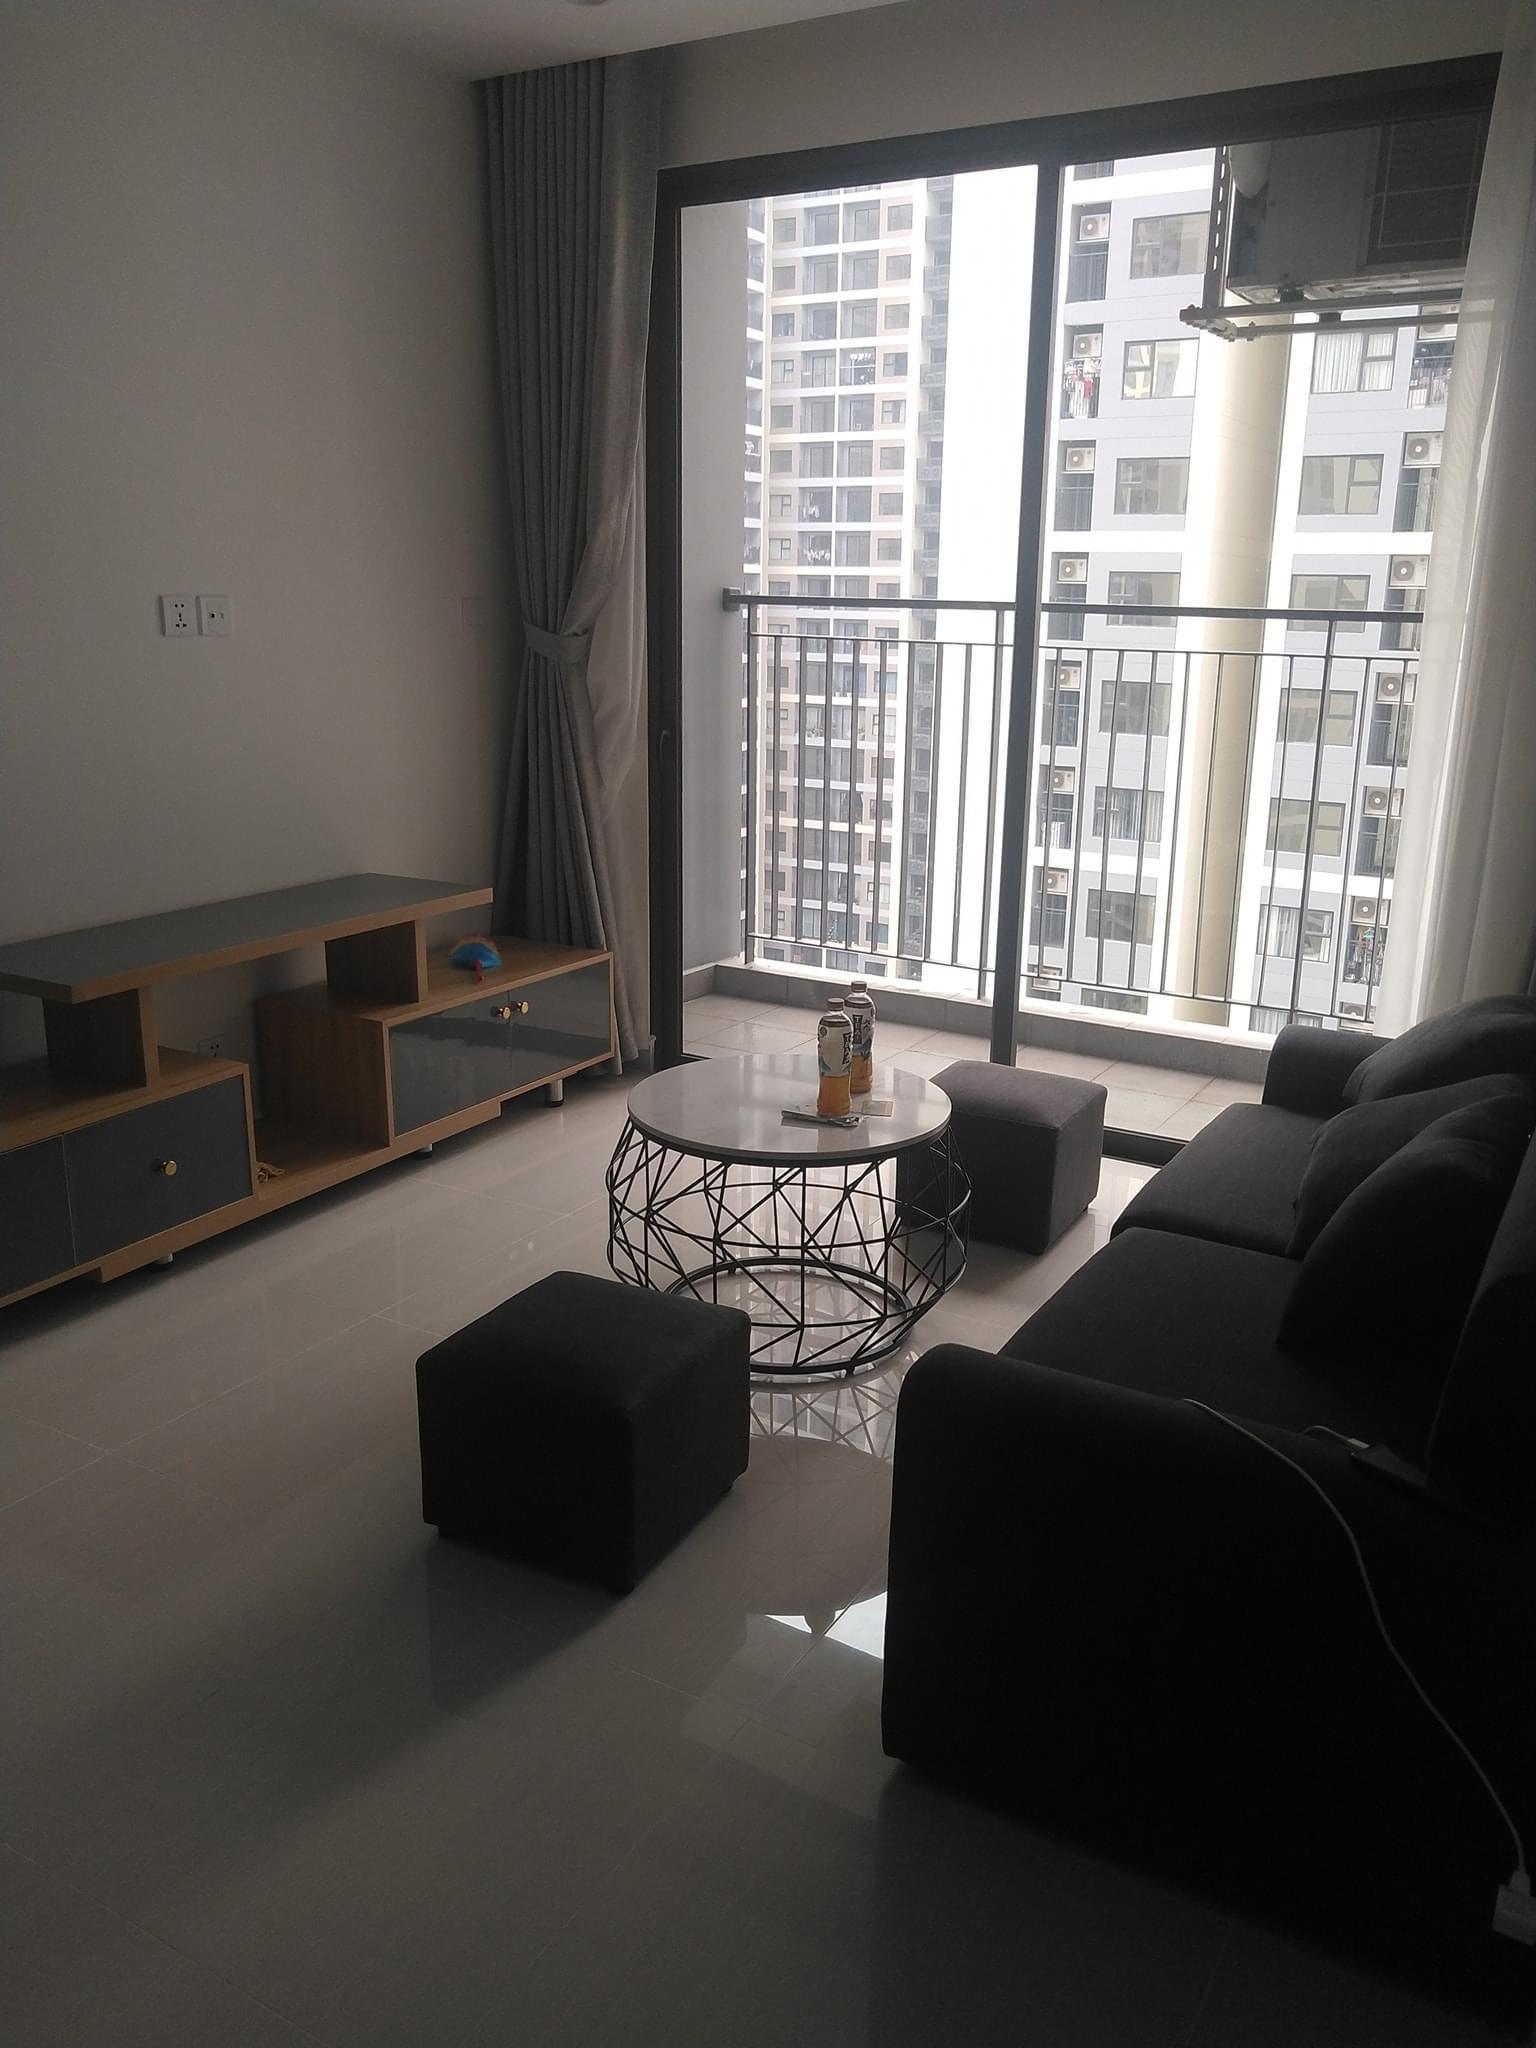 Căn hộ 1 phòng ngủ 50m2 tầng 12 toà S1.06 Nội thất cơ bản 7tr/tháng 1